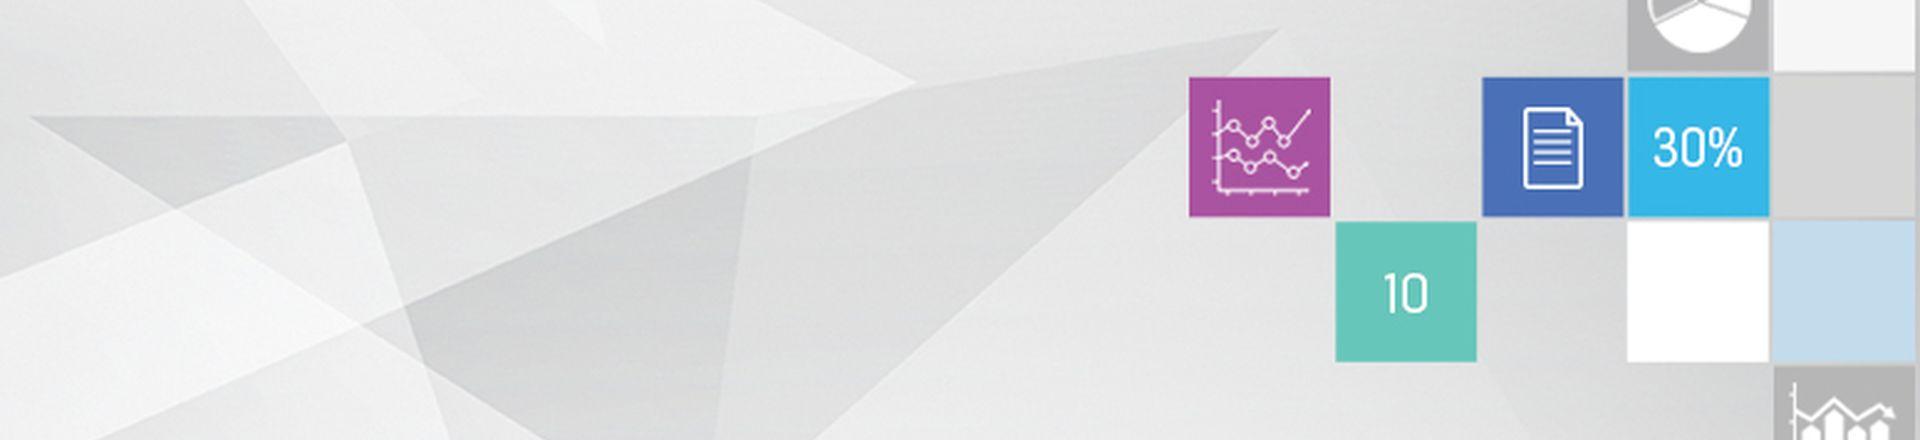 Jednolity Plik Kontrolny – praktyczne aspekty raportowania